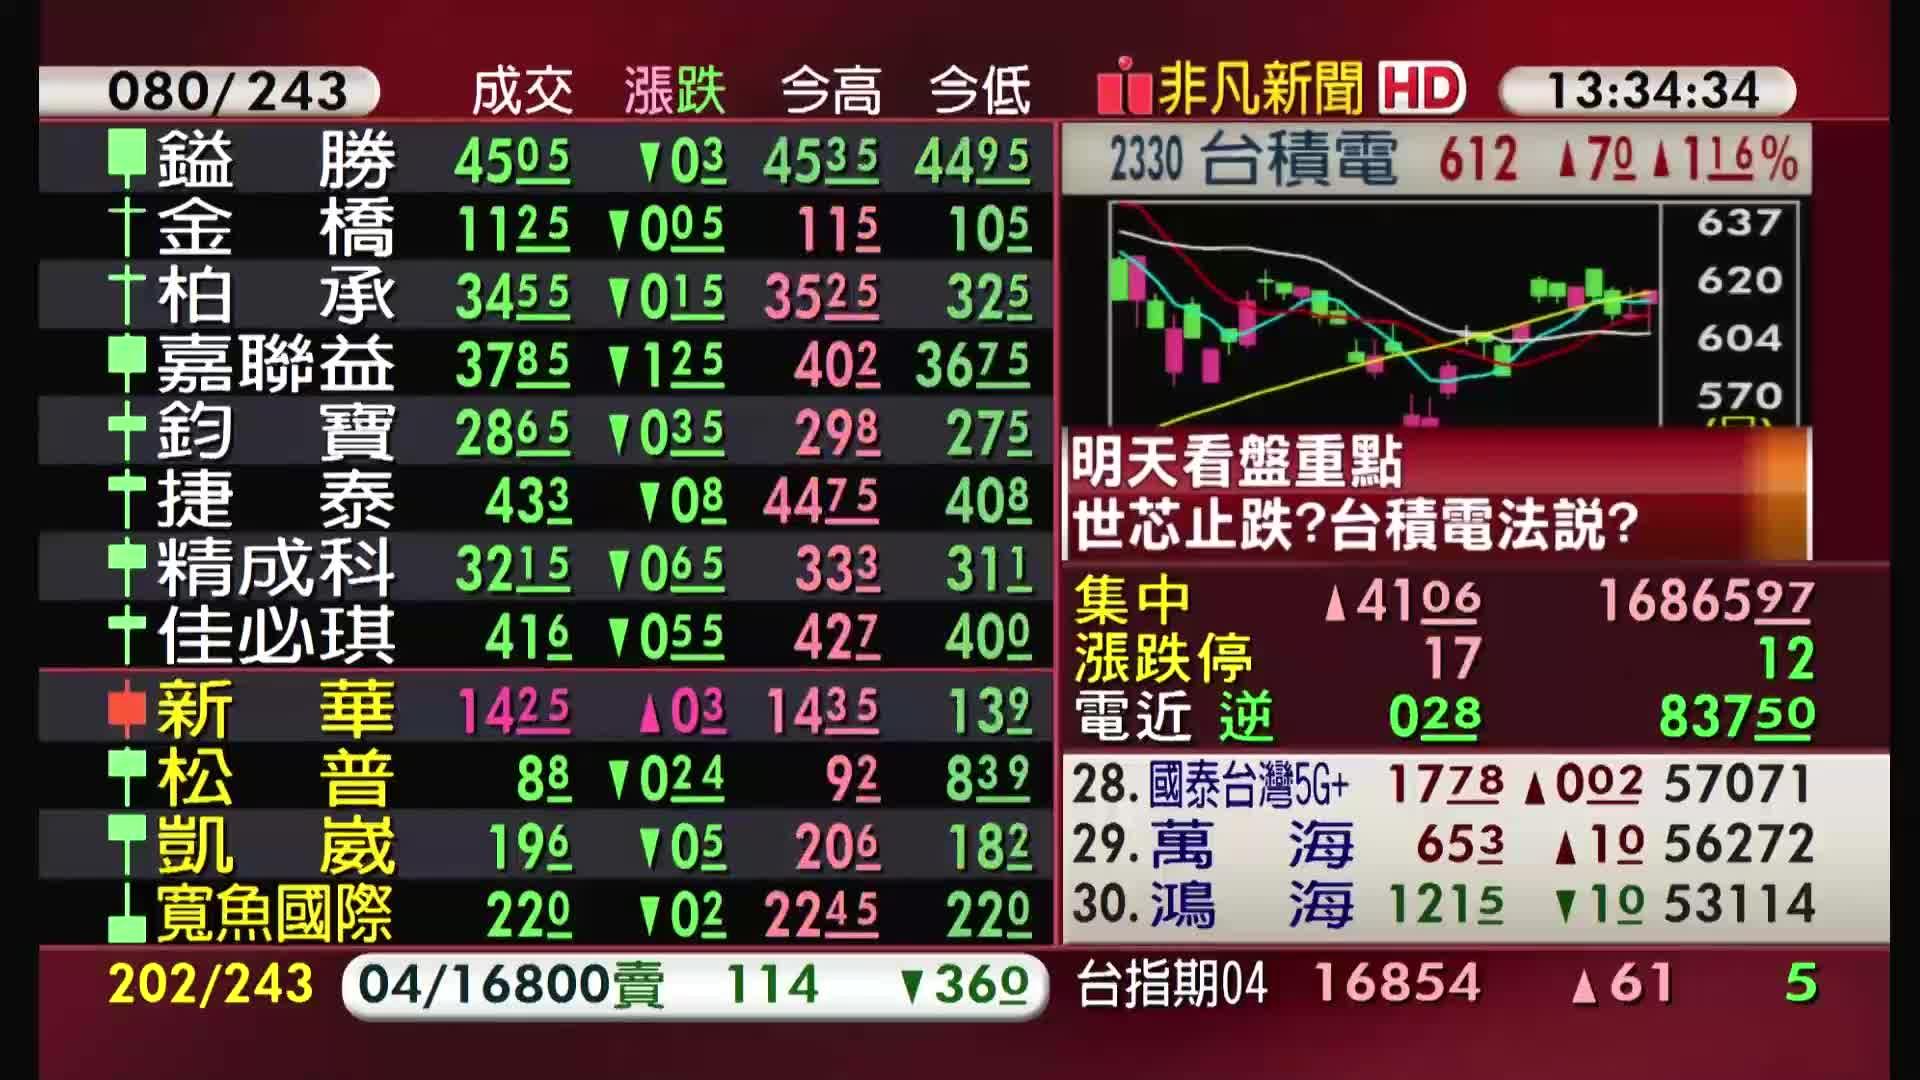 5分鐘看台股/2021/04/14收盤最前線